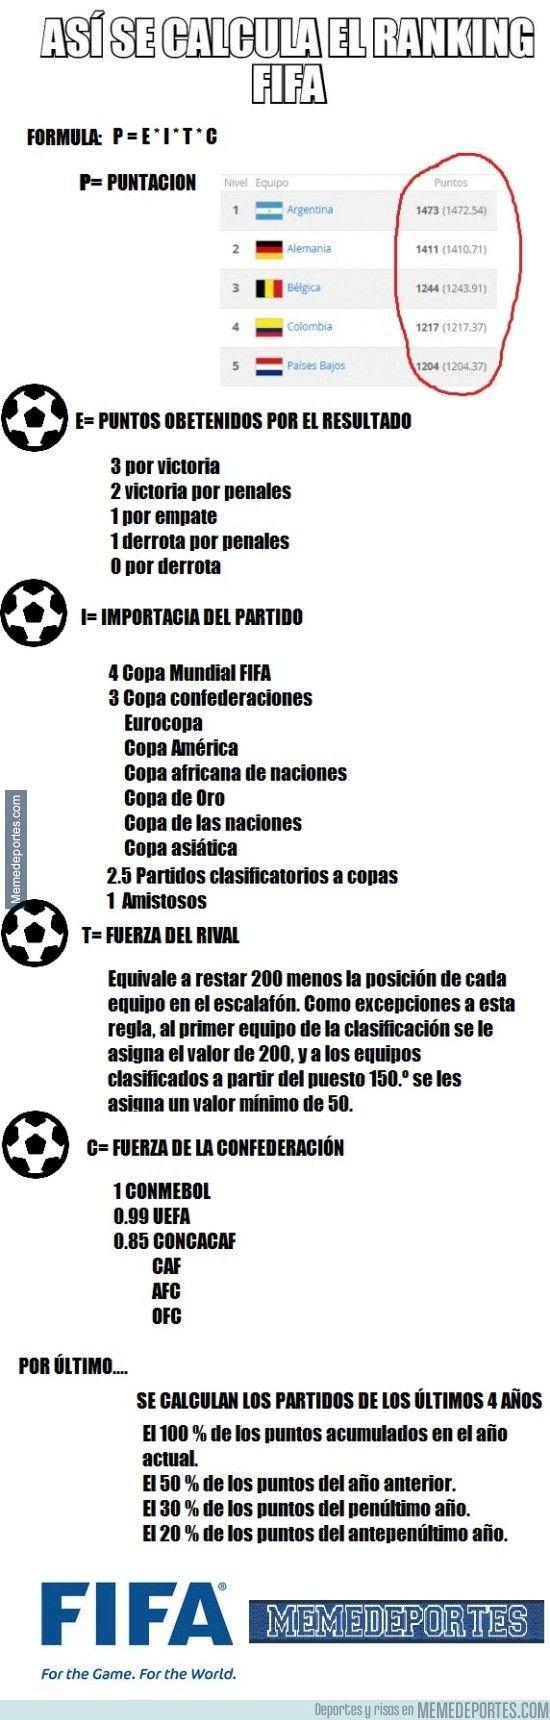 885347 - DEFINITIVO: Así se calcula el ranking FIFA